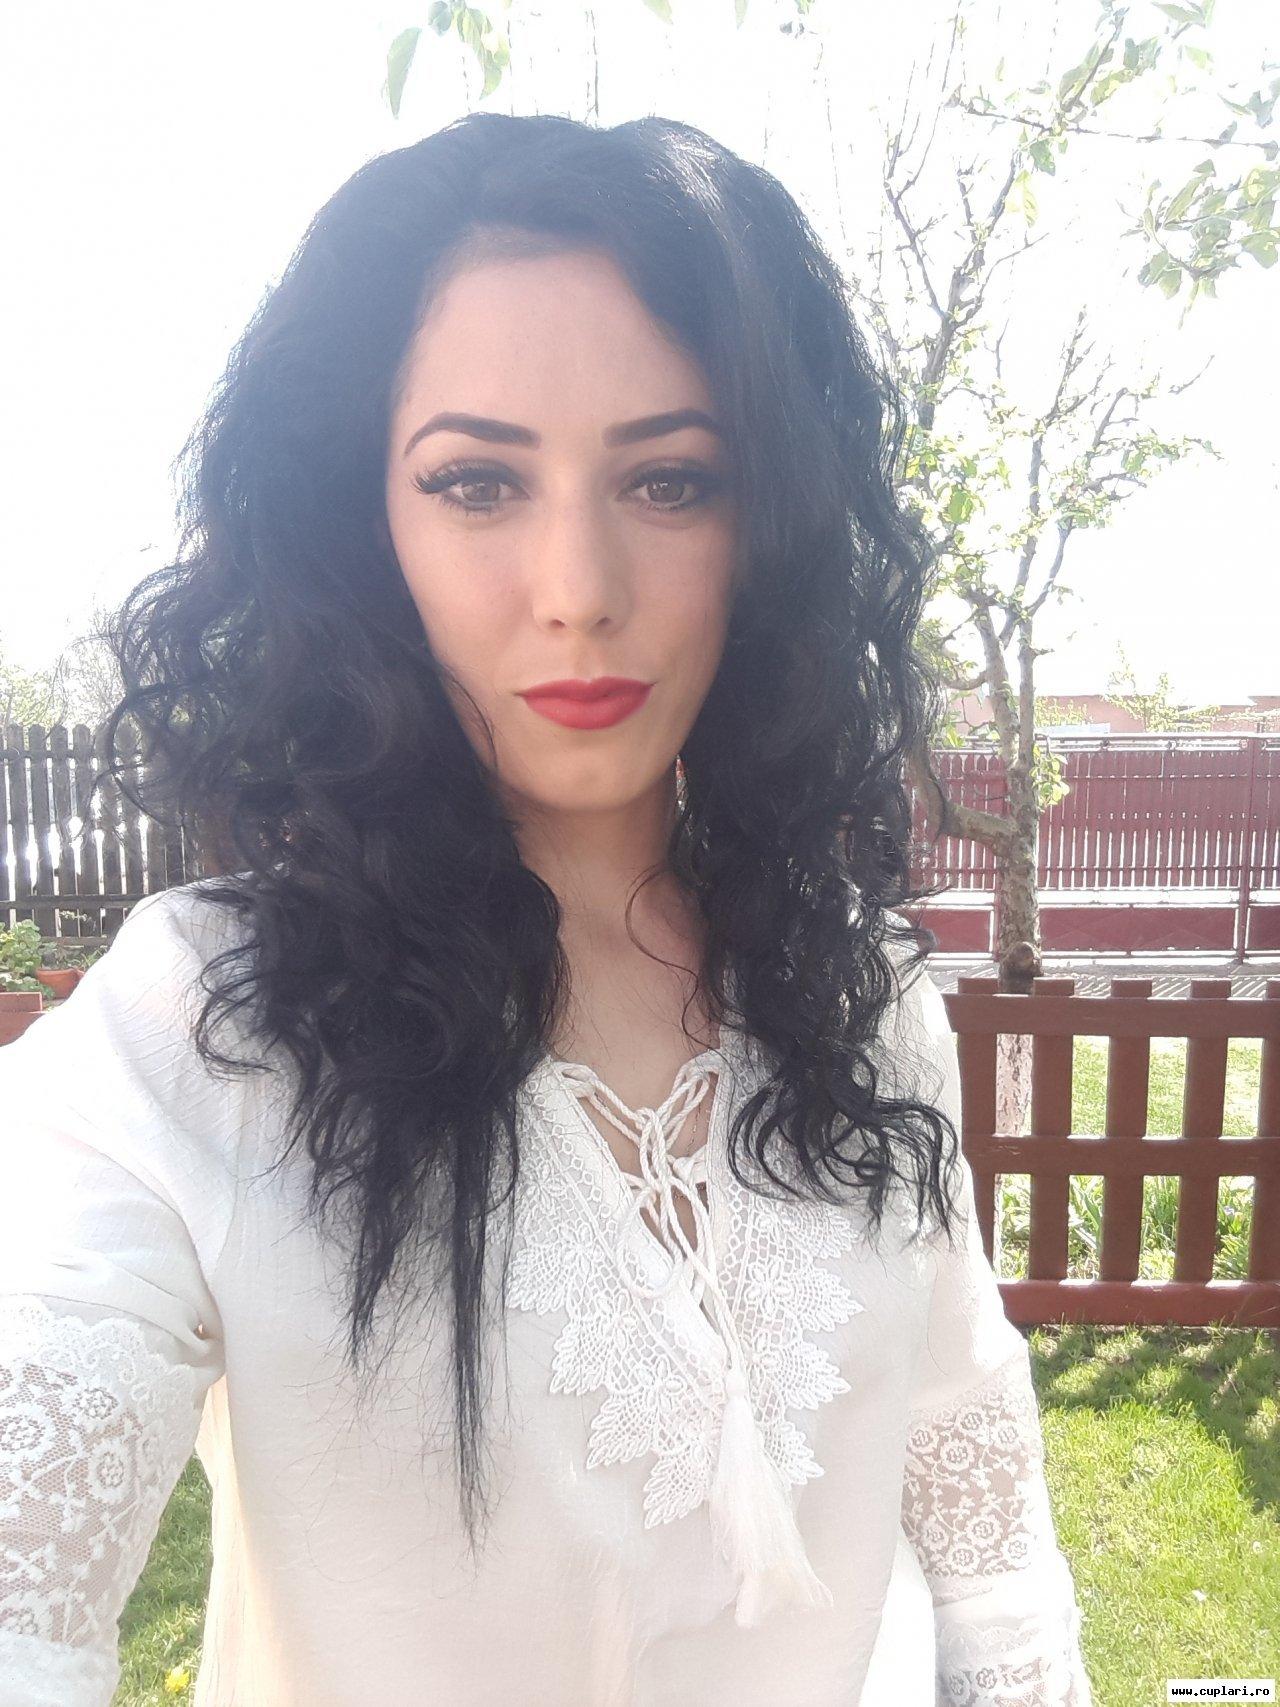 Femeie Din Romania Caut Barbat Londra Femei care vor sex - Fete cauta barbati